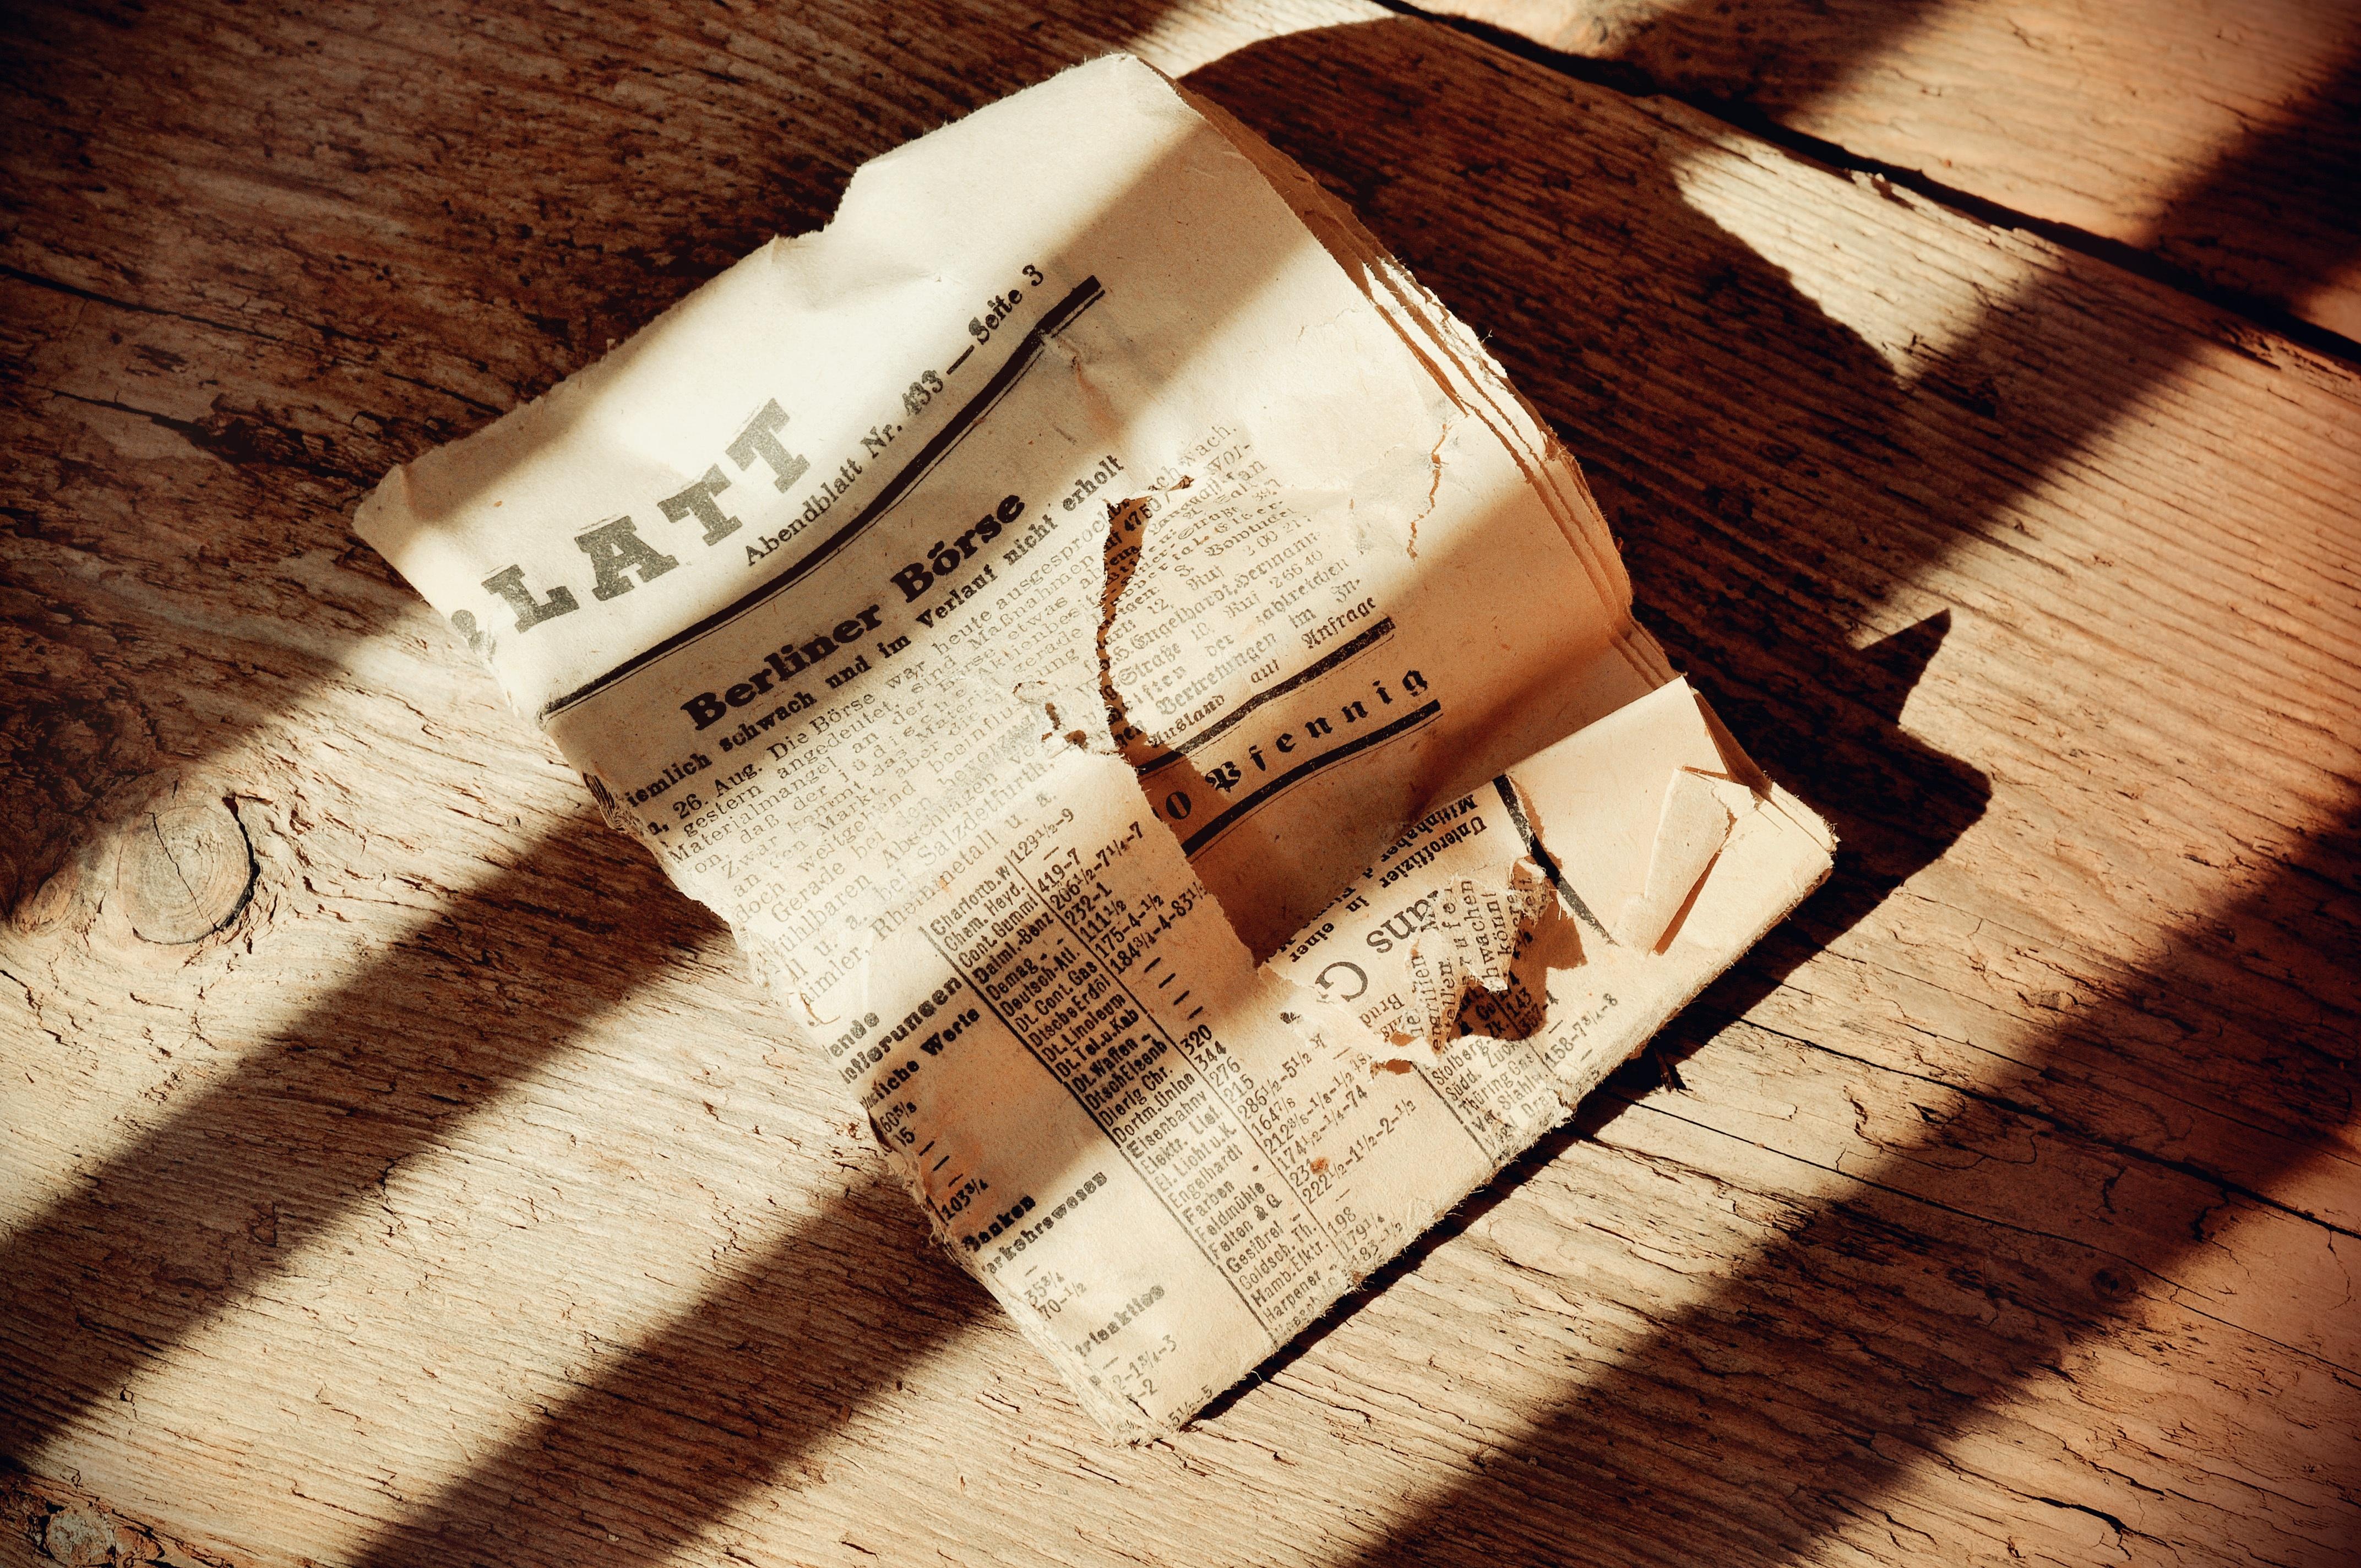 Kostenlose foto : Schreiben, Hand, Holz, Weiß, Antiquität, alt ...